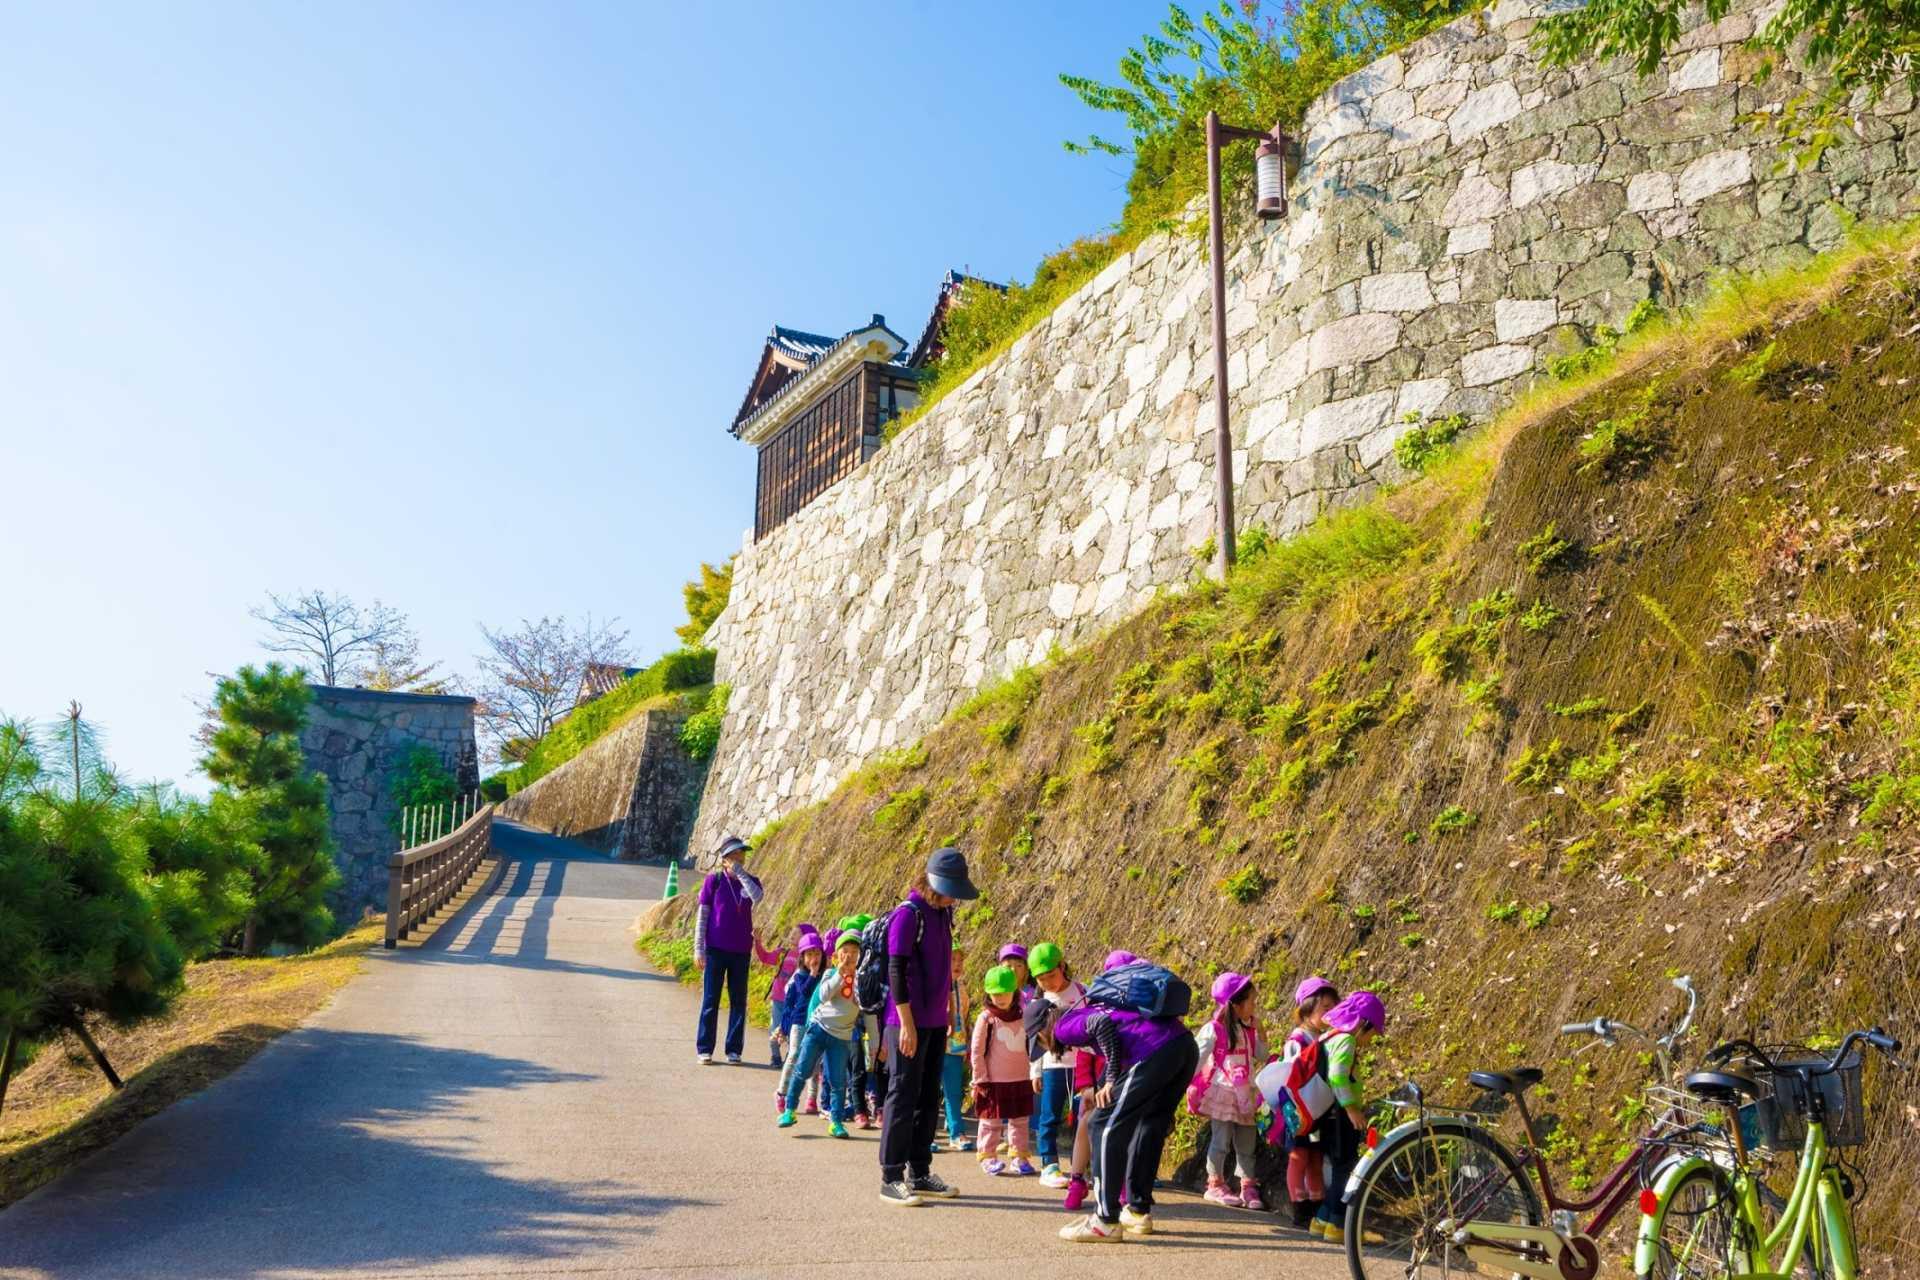 小朋友也打算造访「松山城二之丸史迹庭园」